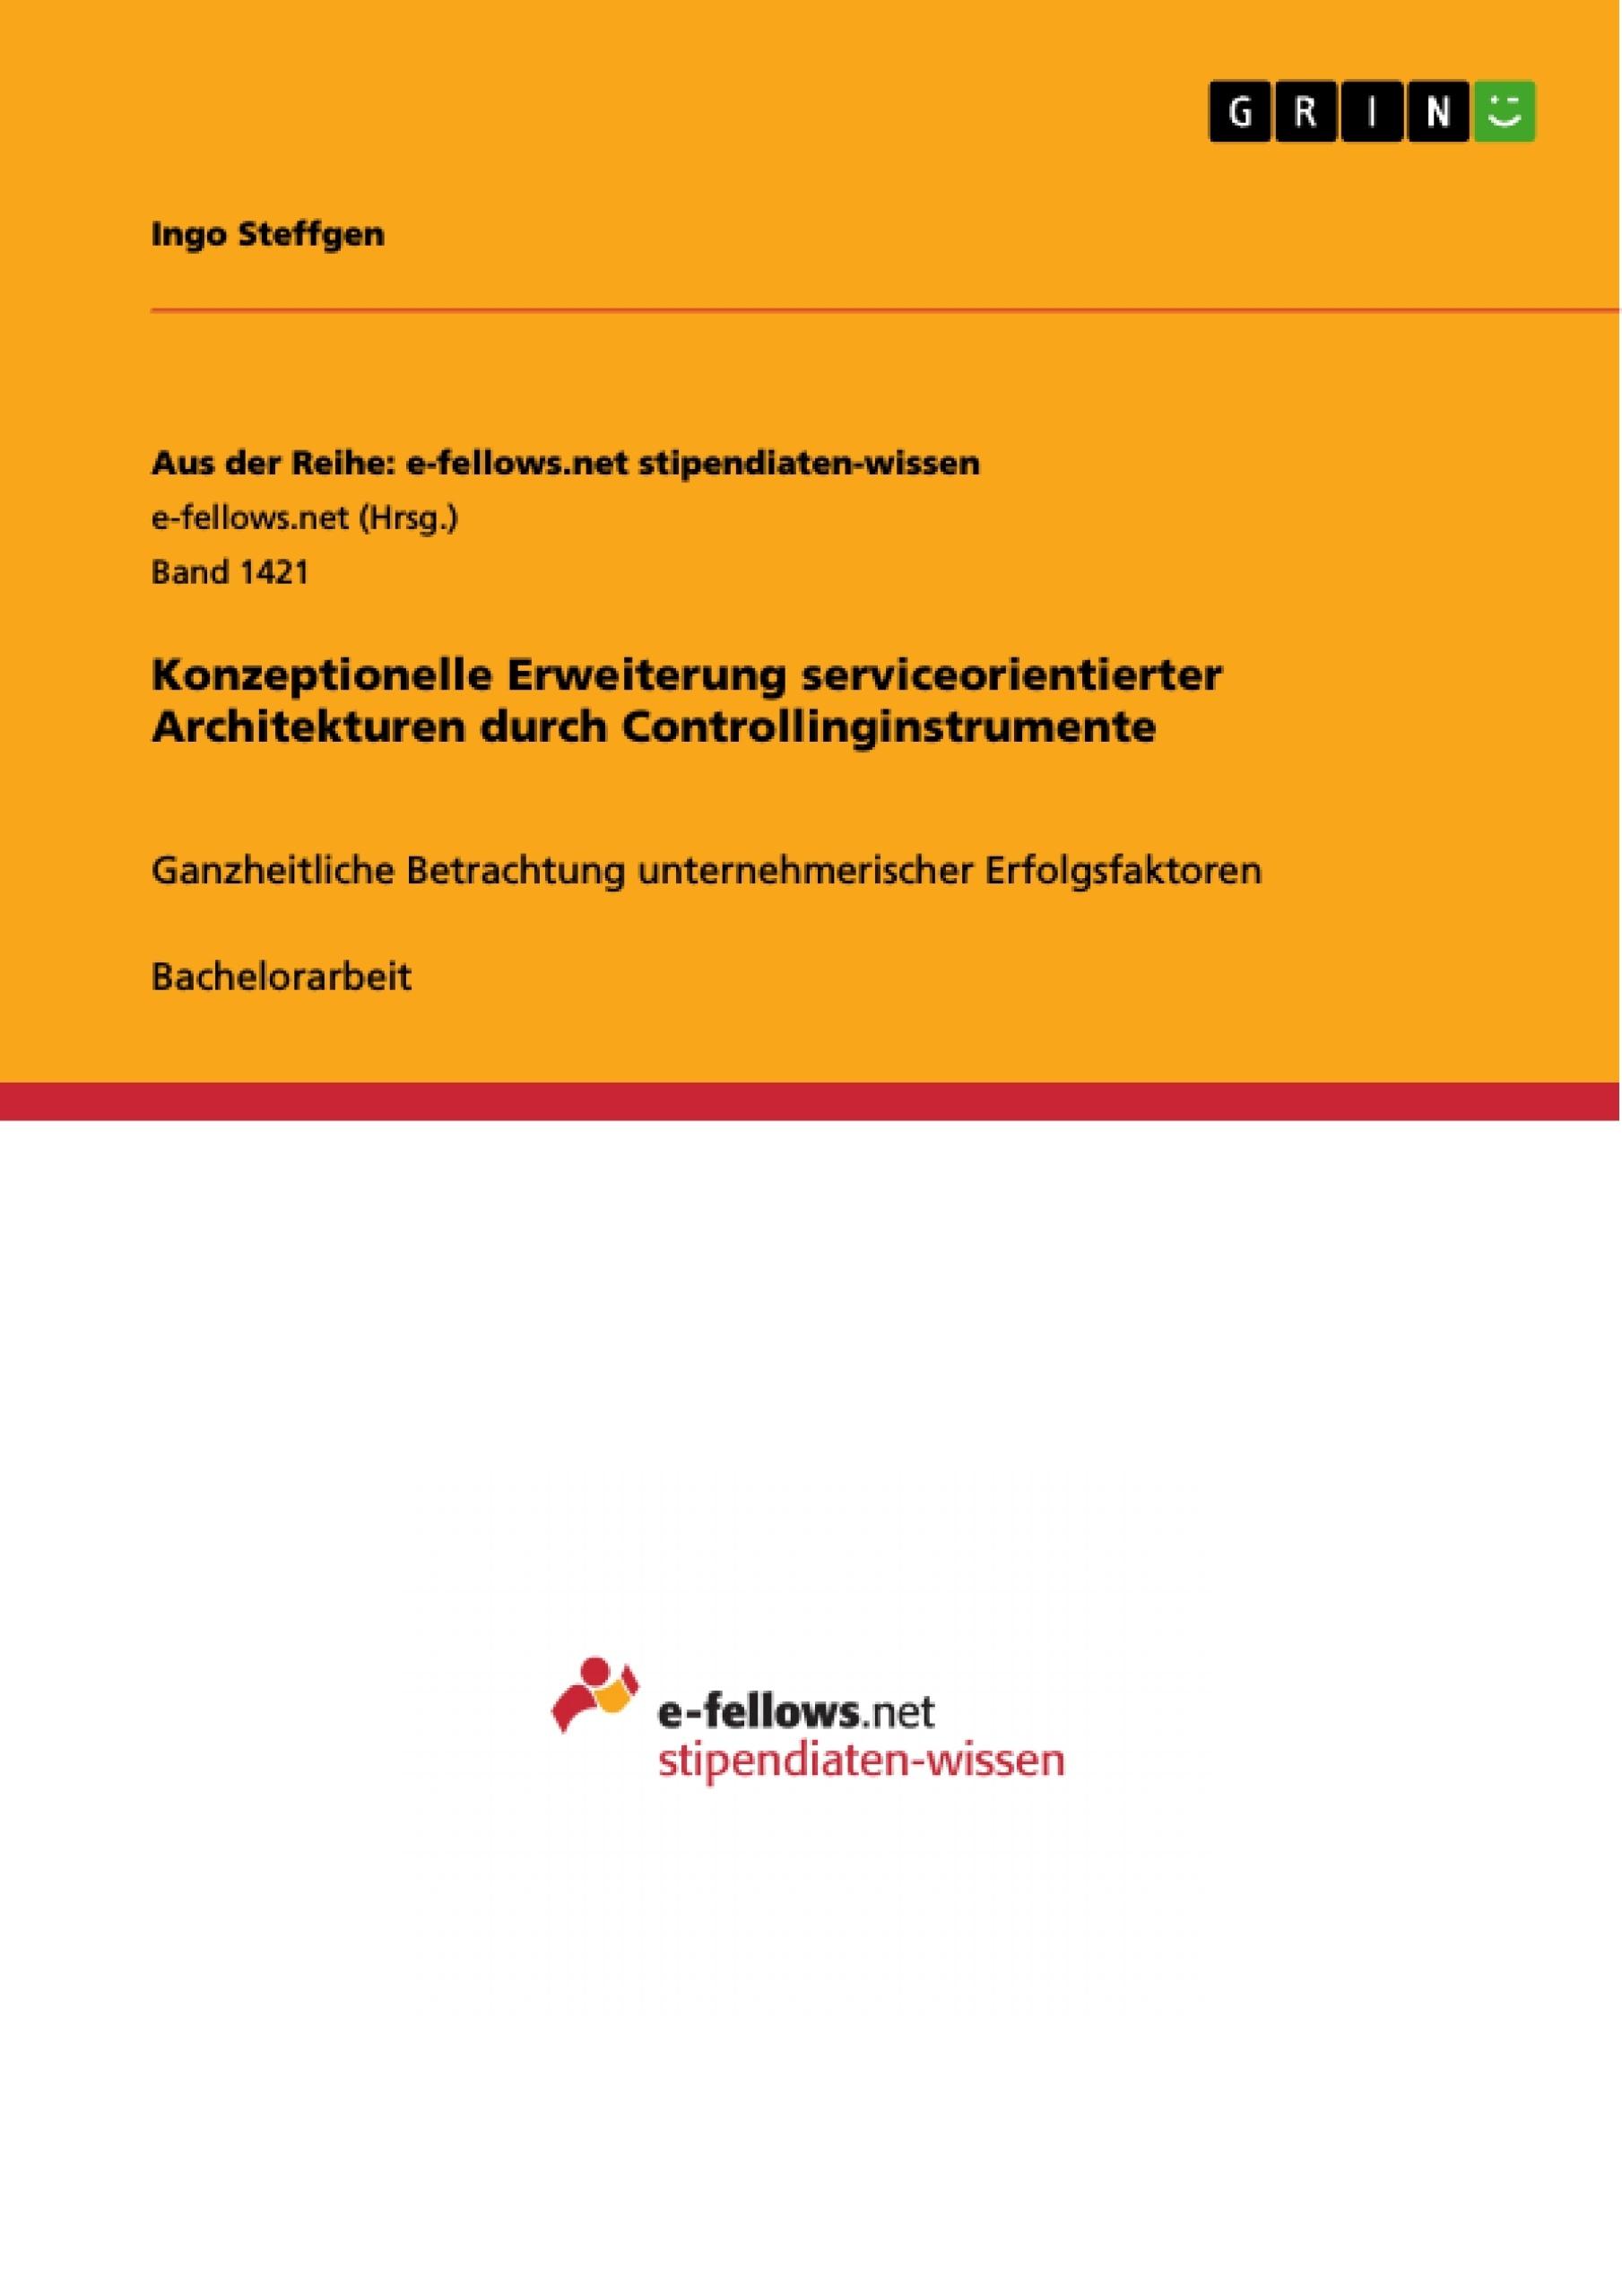 Titel: Konzeptionelle Erweiterung serviceorientierter Architekturen durch Controllinginstrumente